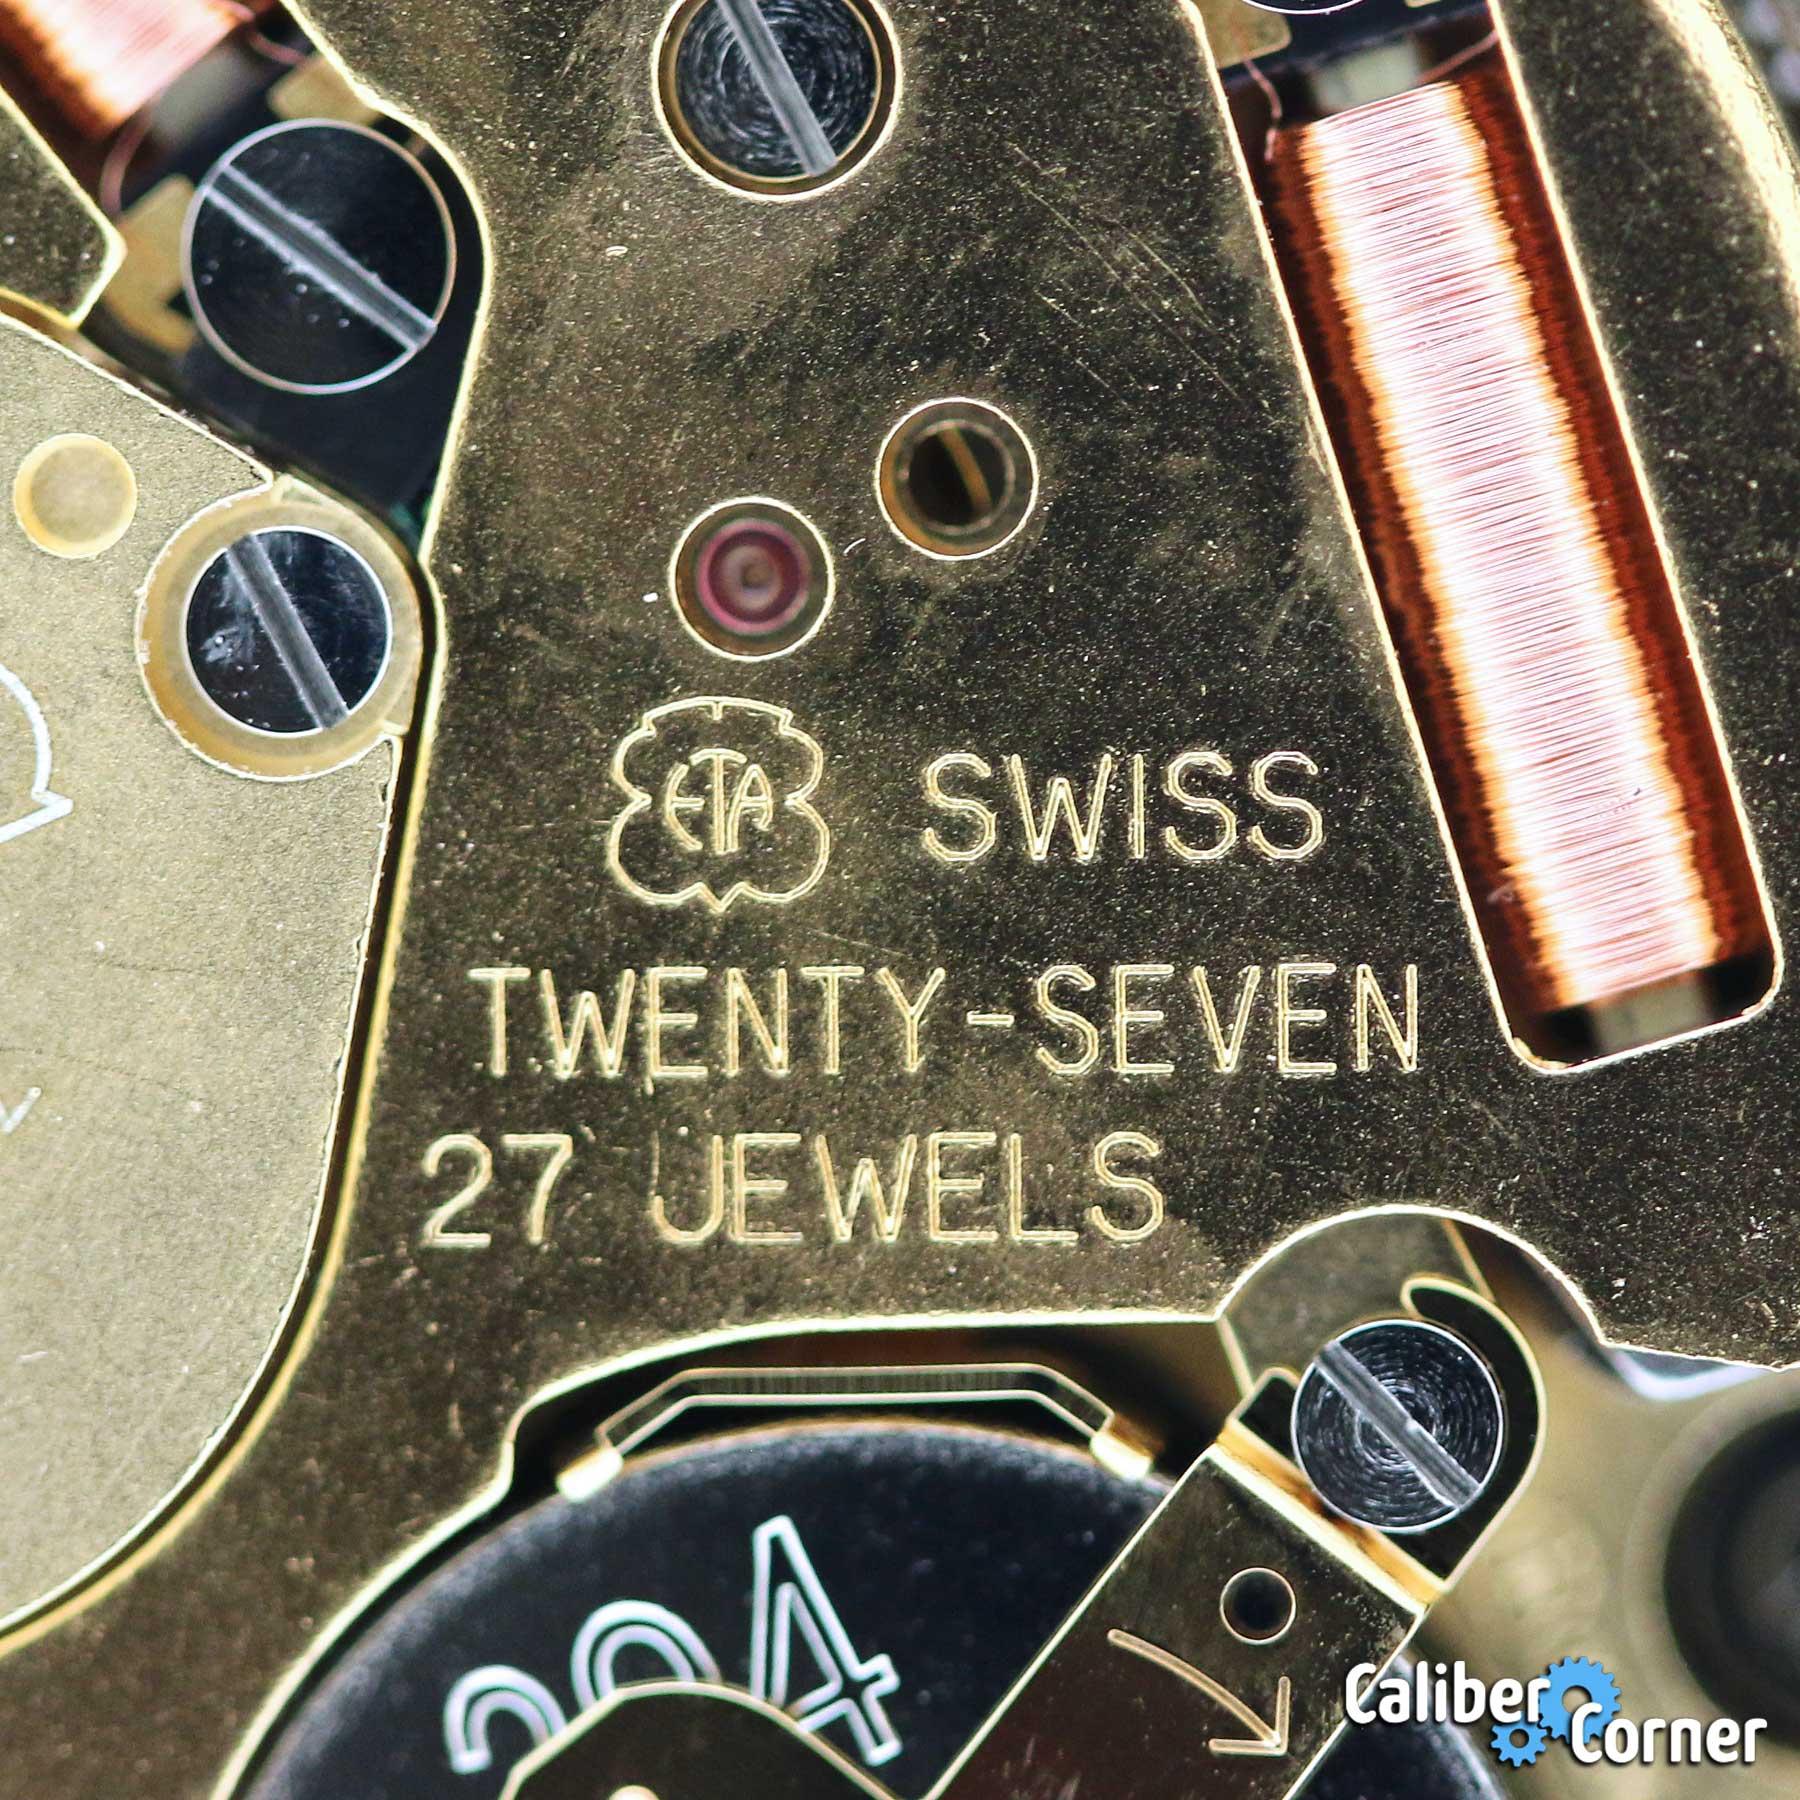 Breitling Caliber 73 Eta